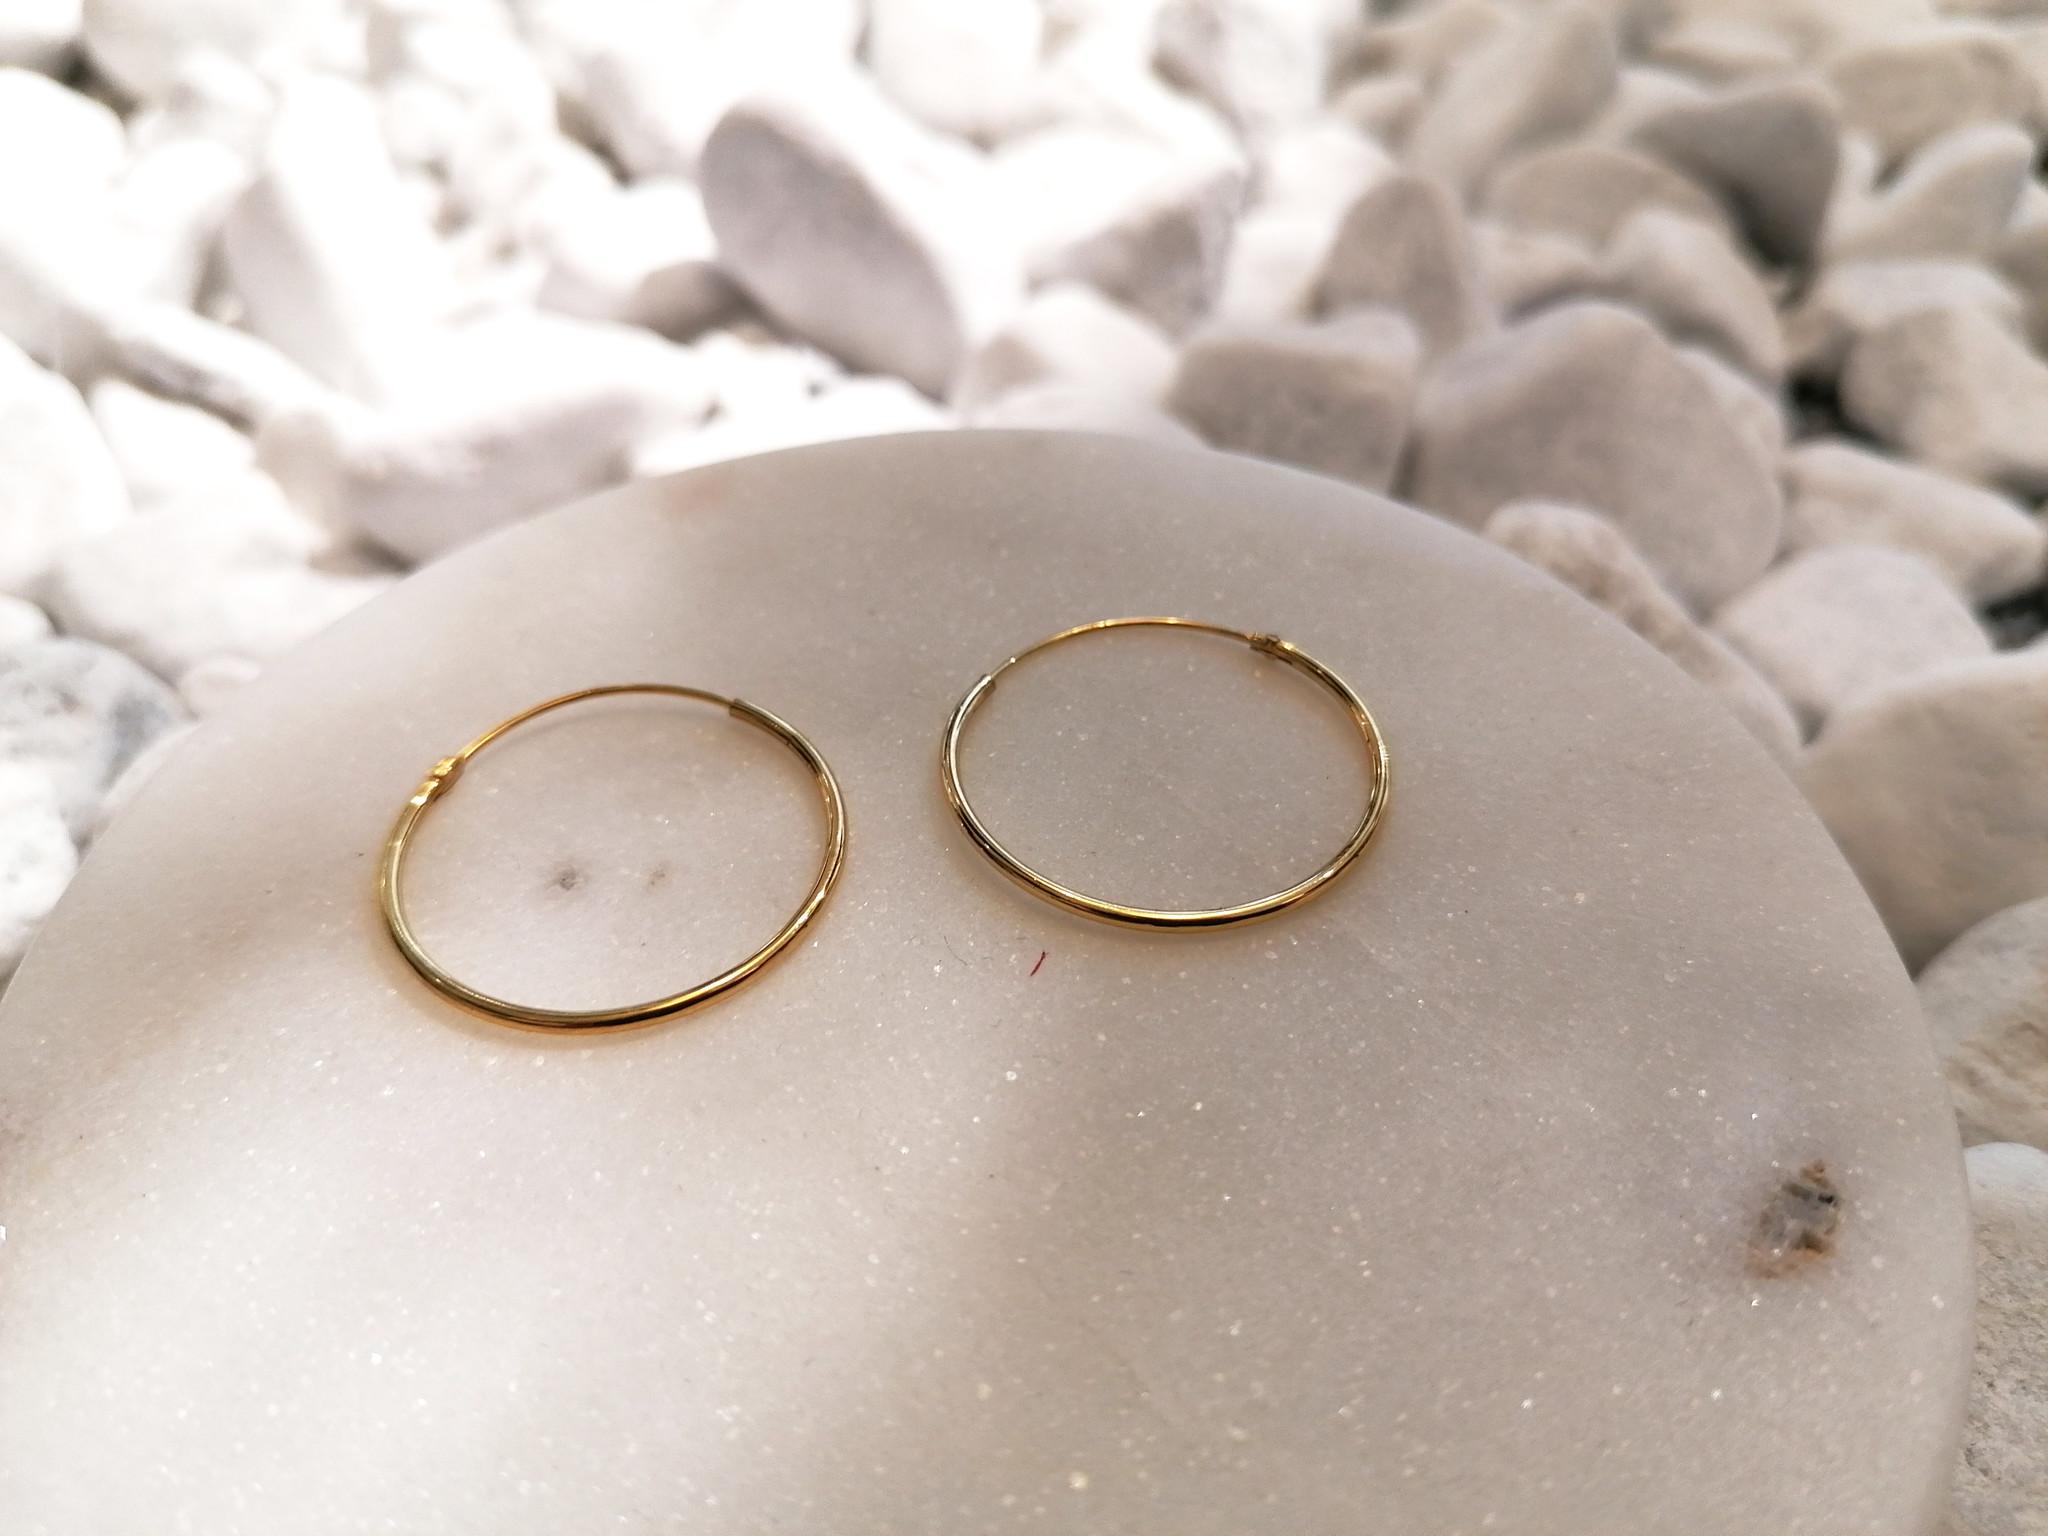 Große Creolen Ohrringe - 925er Sterling Silber - Gold-4